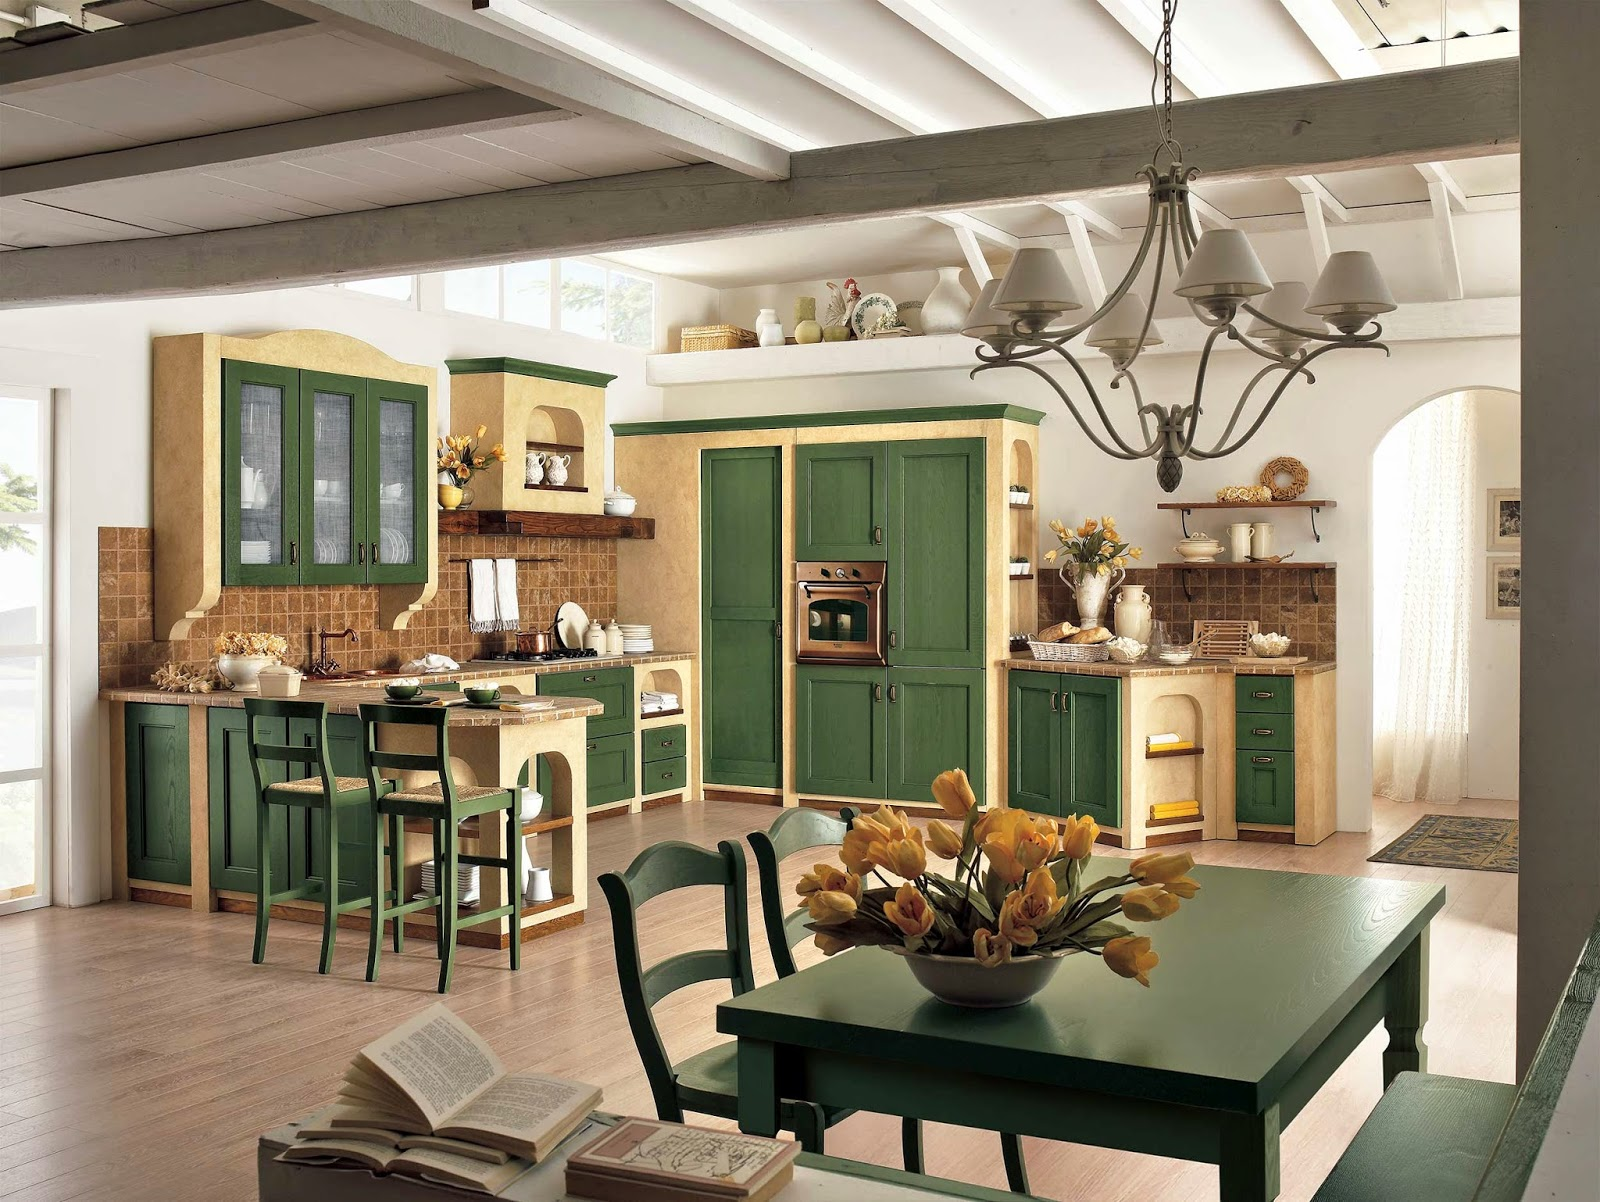 Piastrelle per cucine classiche ~ avienix.com for .